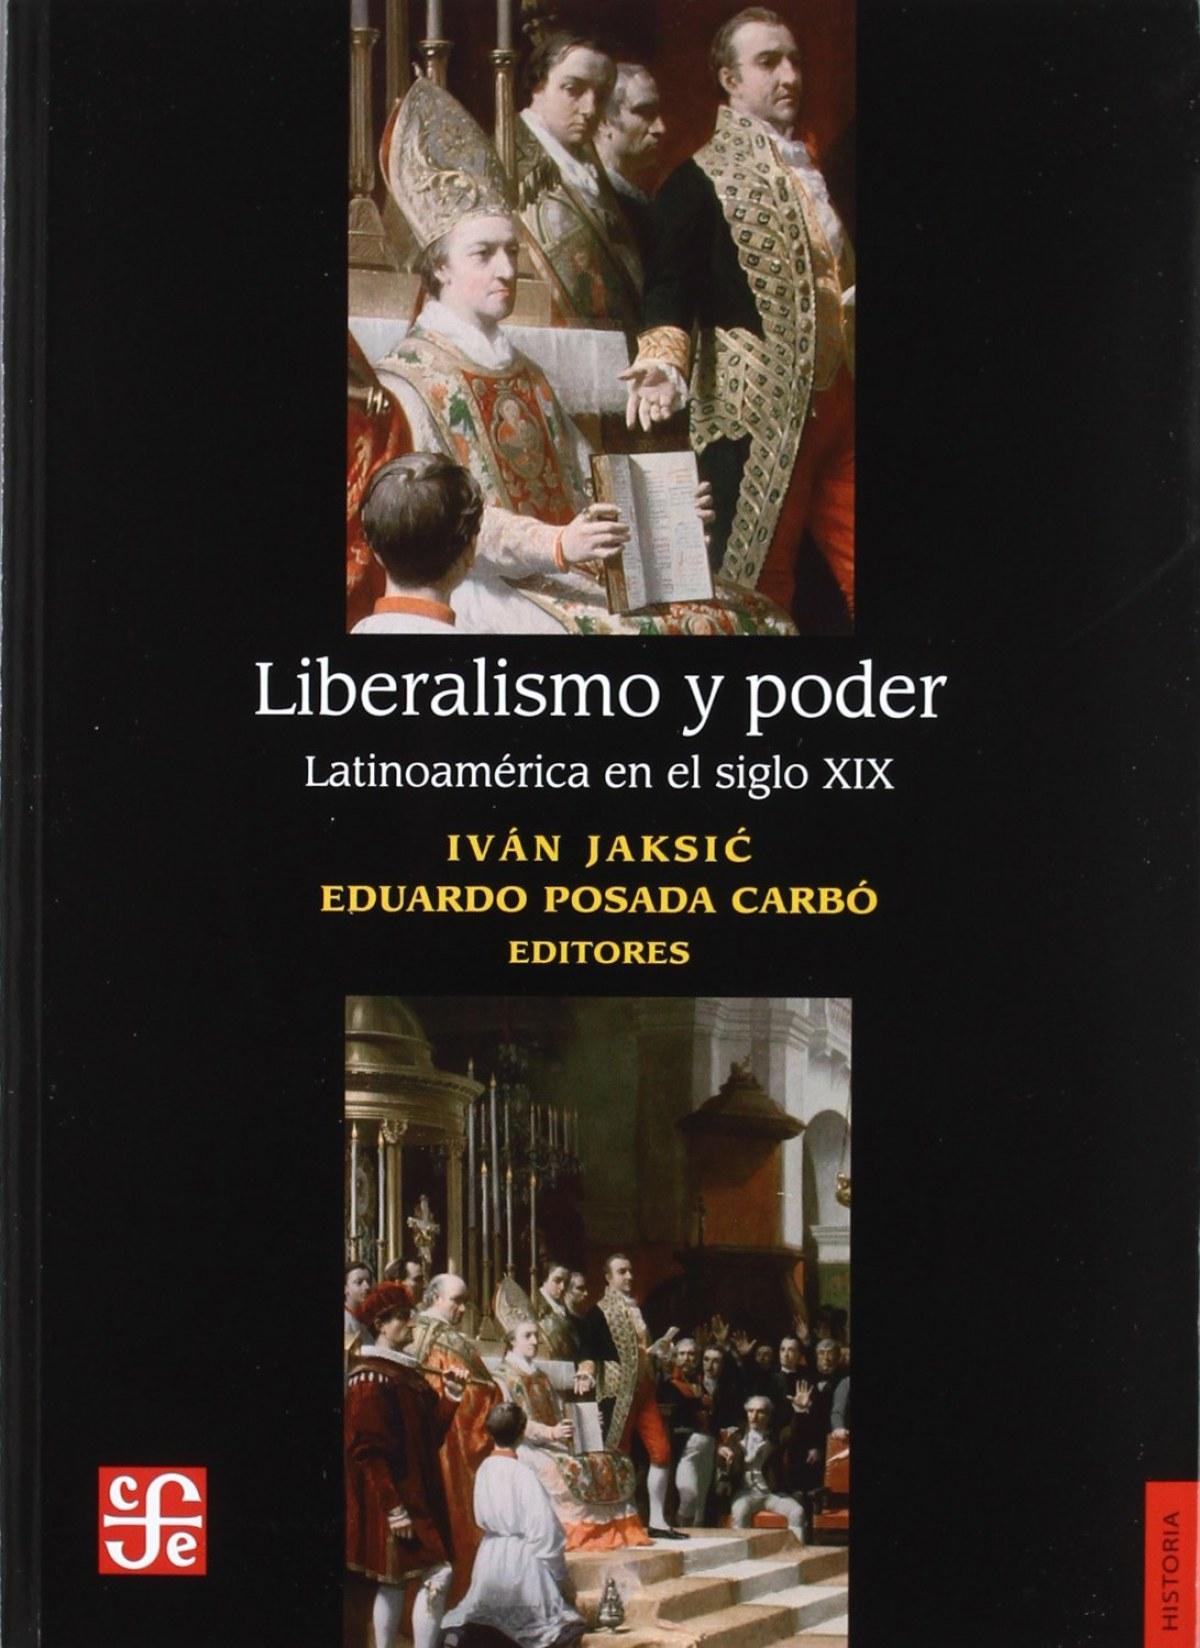 Liberalismo y poder. Latinoamerica en el siglo XIX 9789562890861